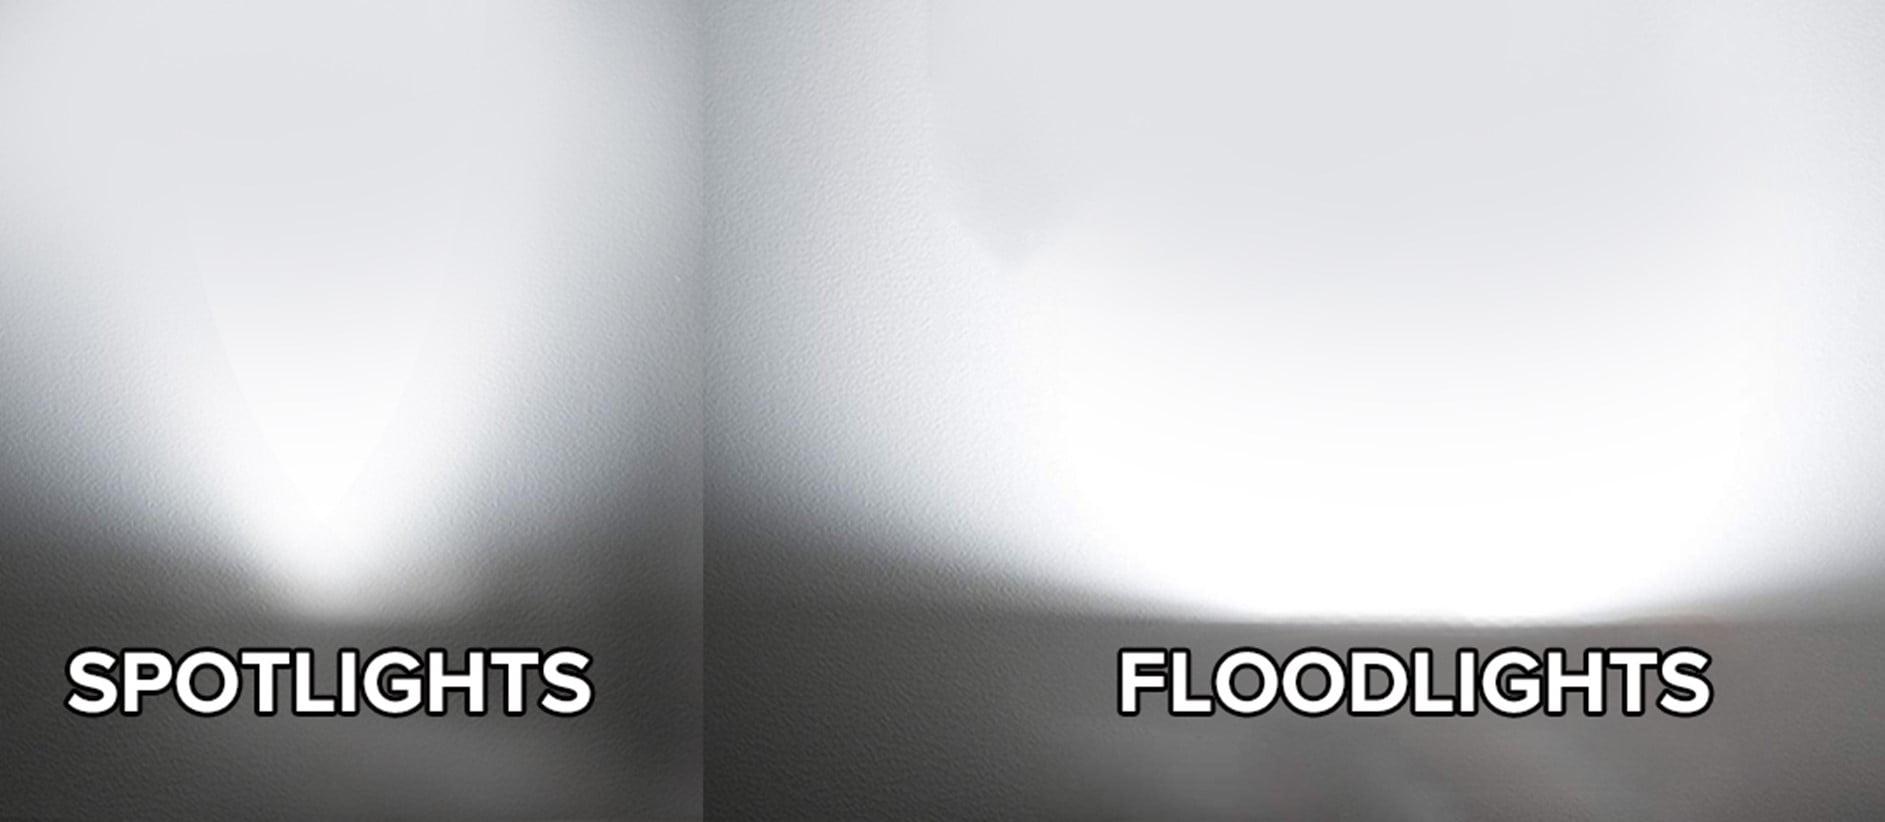 Spotlight Vs Floodlight